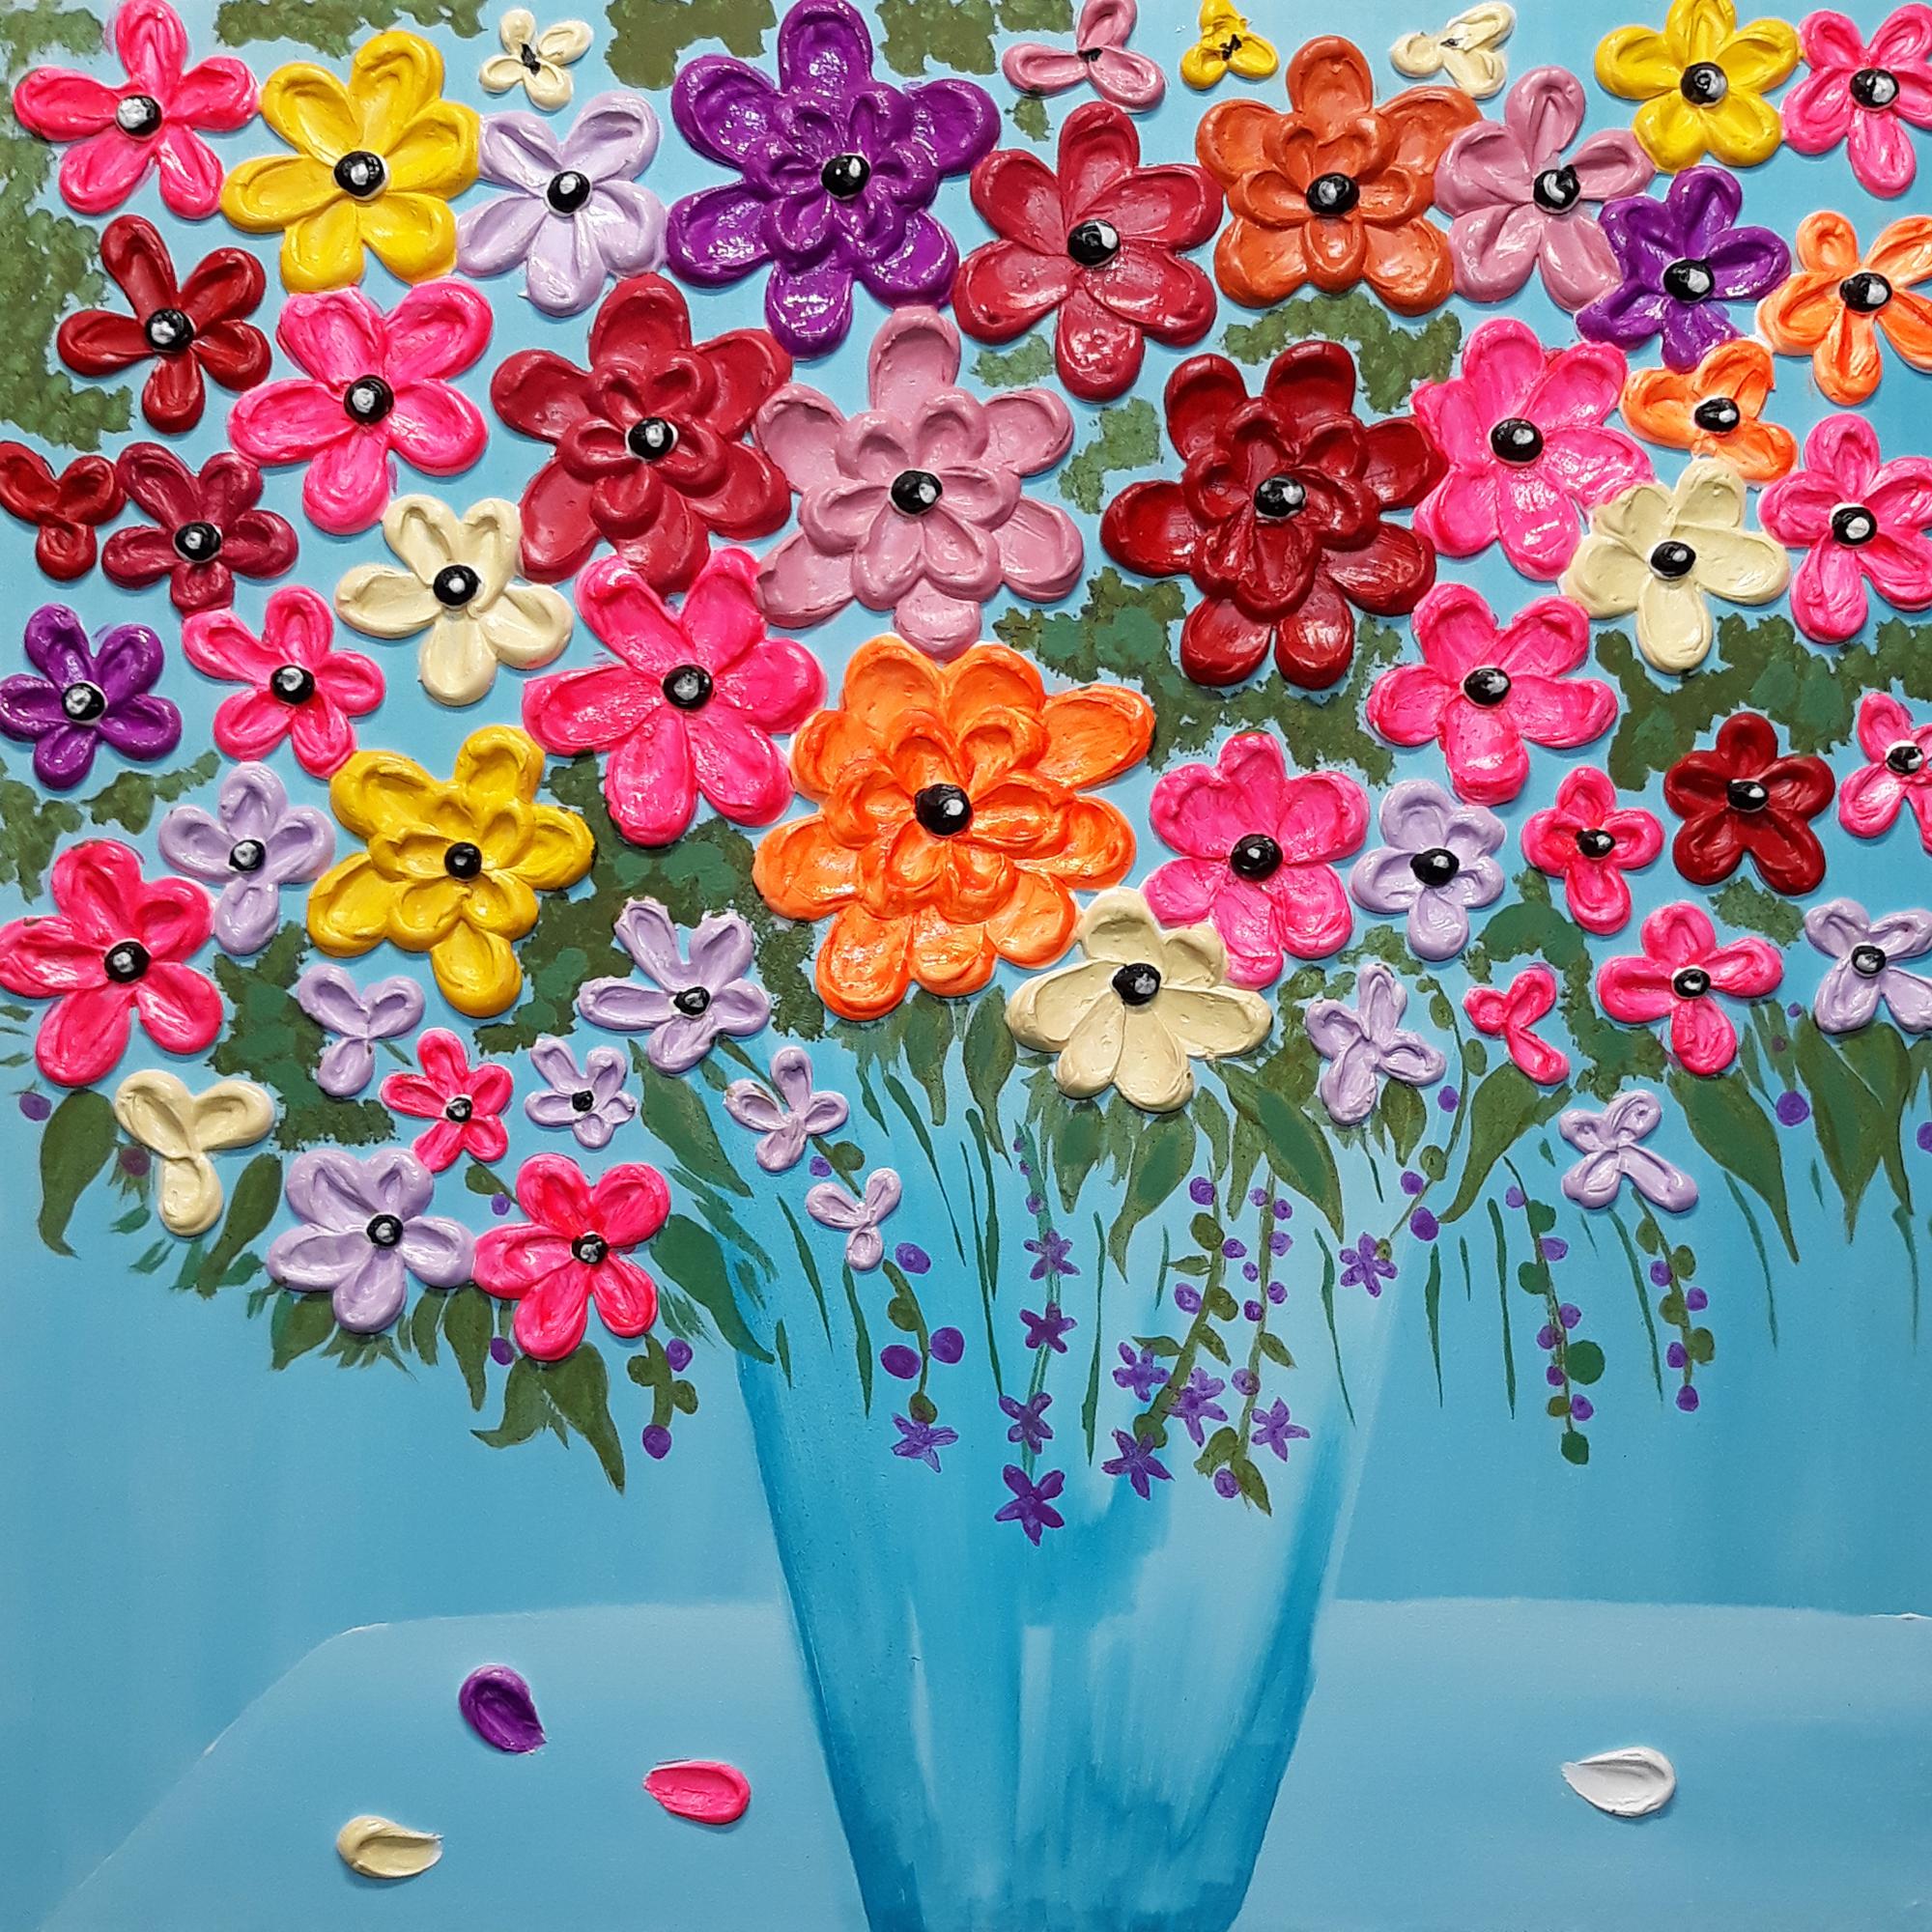 تابلو نقاشی میکس مدیا طرح حوض نقاشی برجسته کد 120